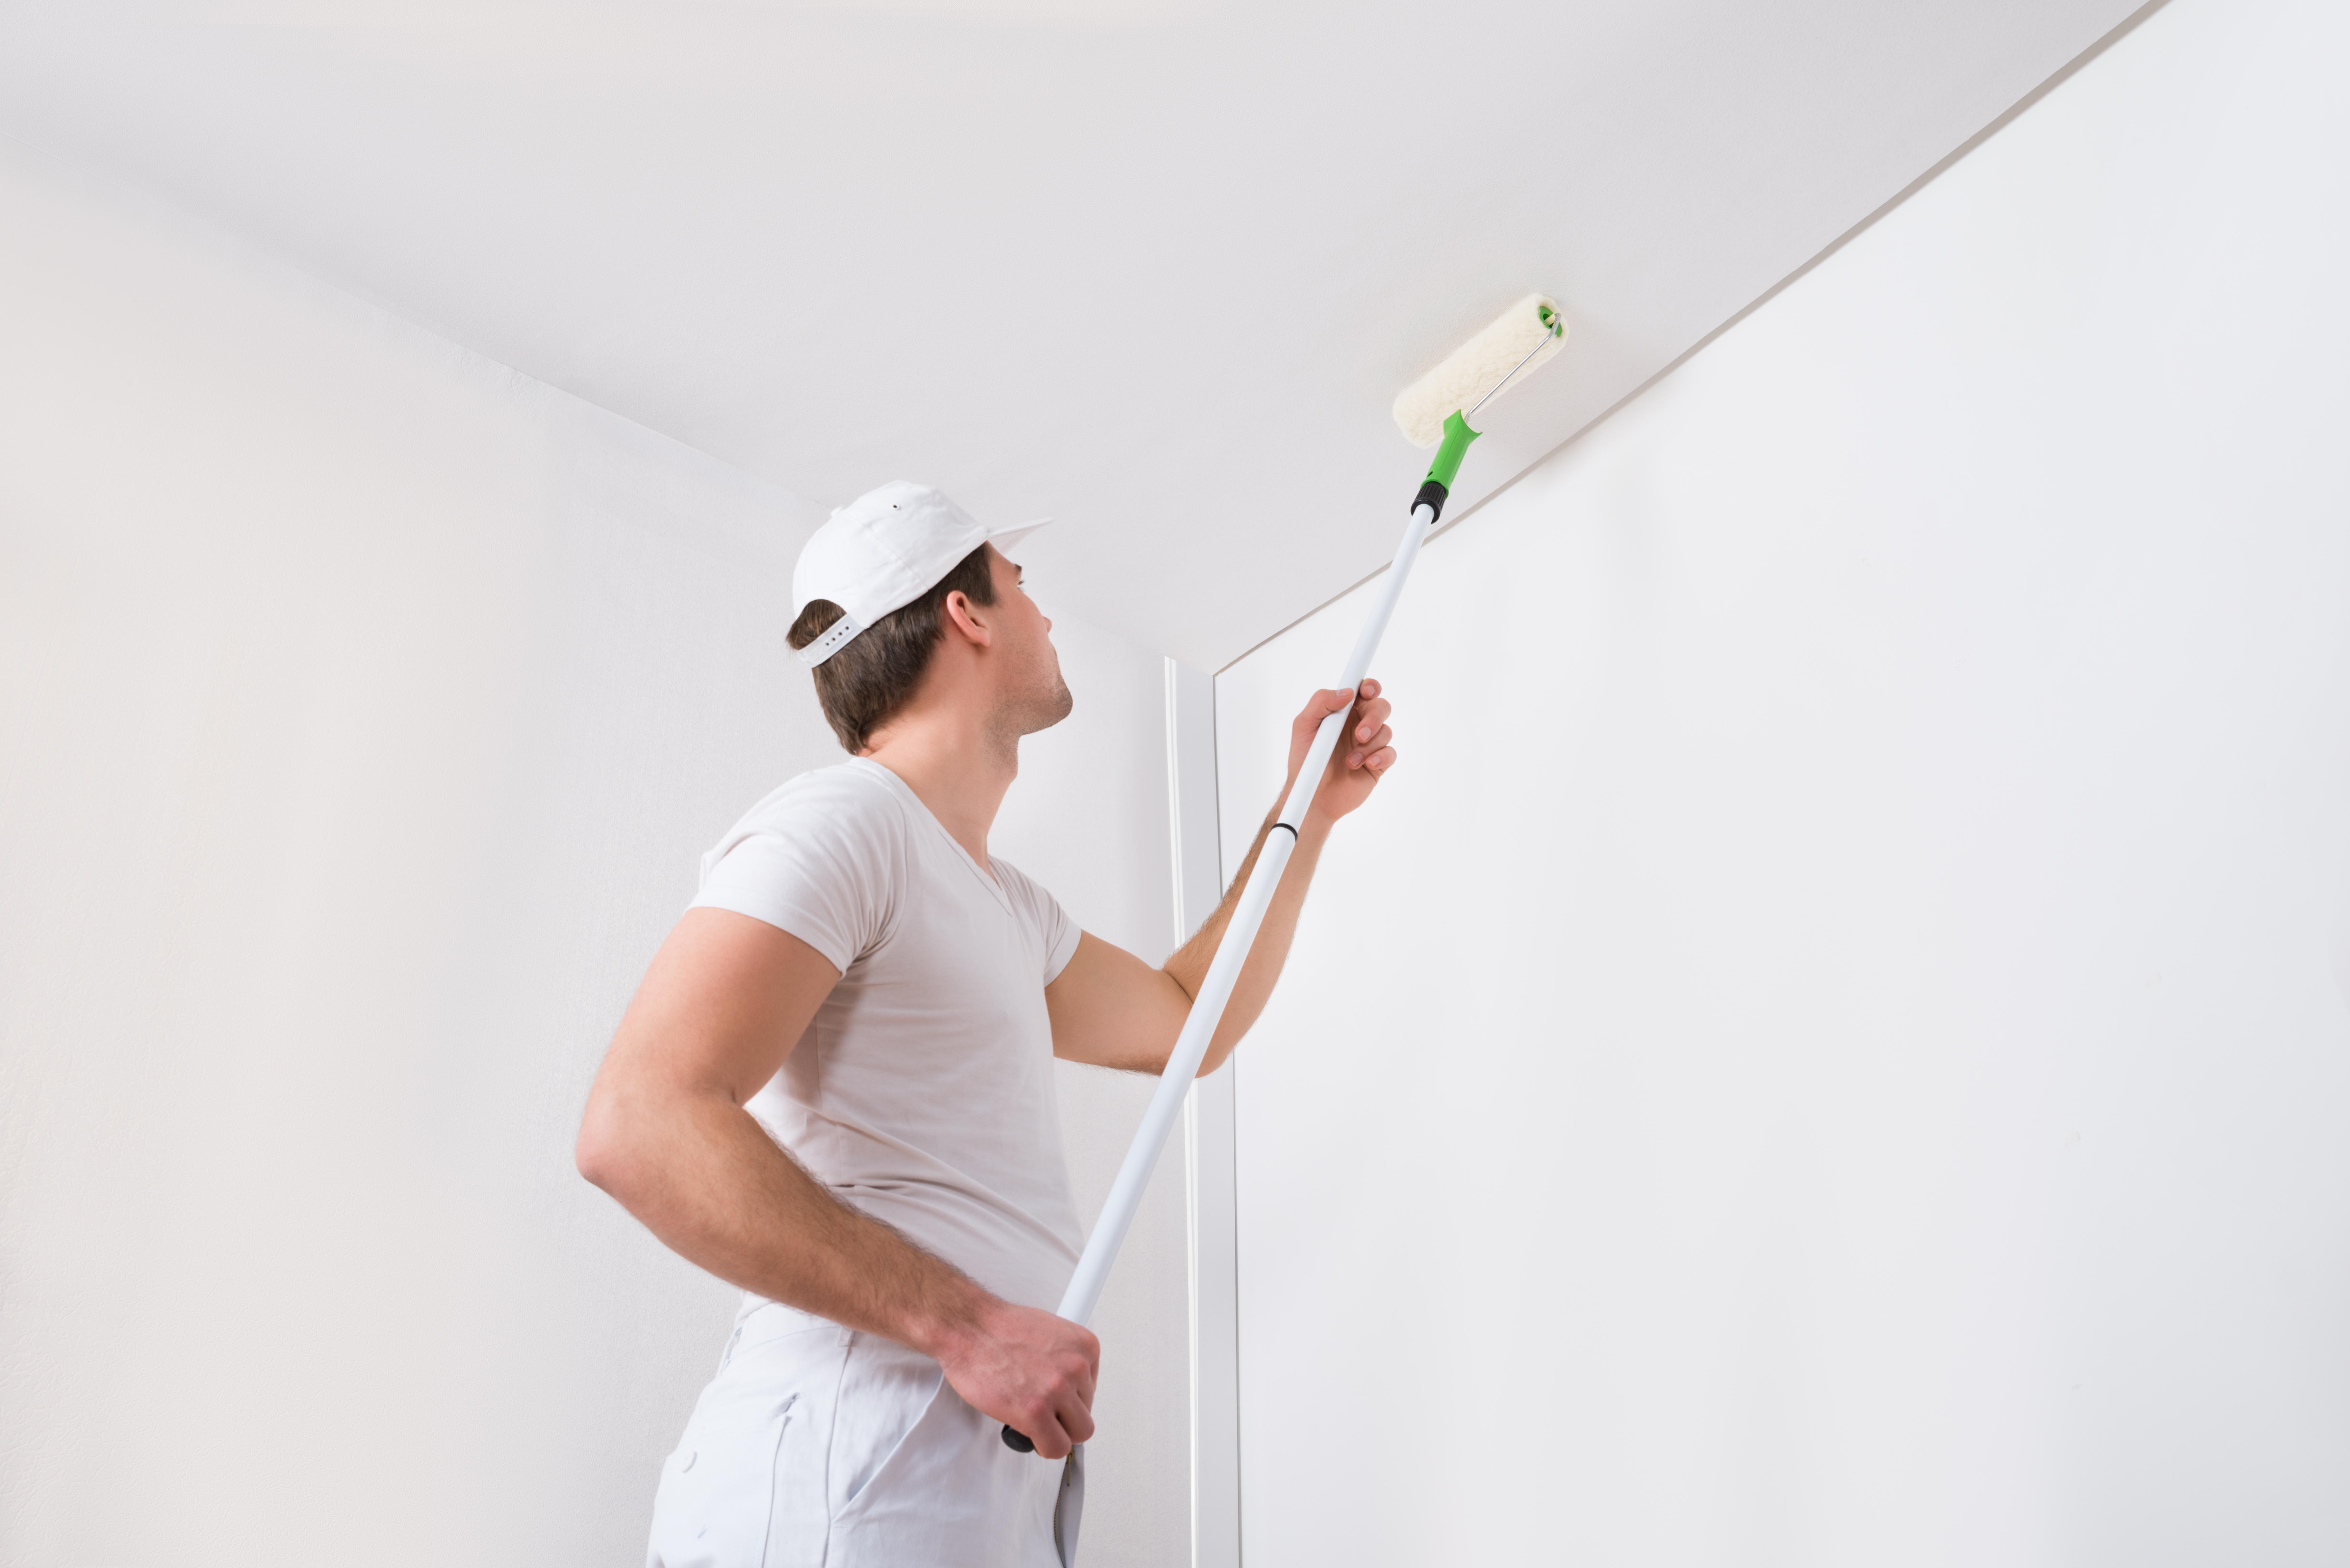 tipps f r optimale deckkraft beim streichen alpina innen. Black Bedroom Furniture Sets. Home Design Ideas